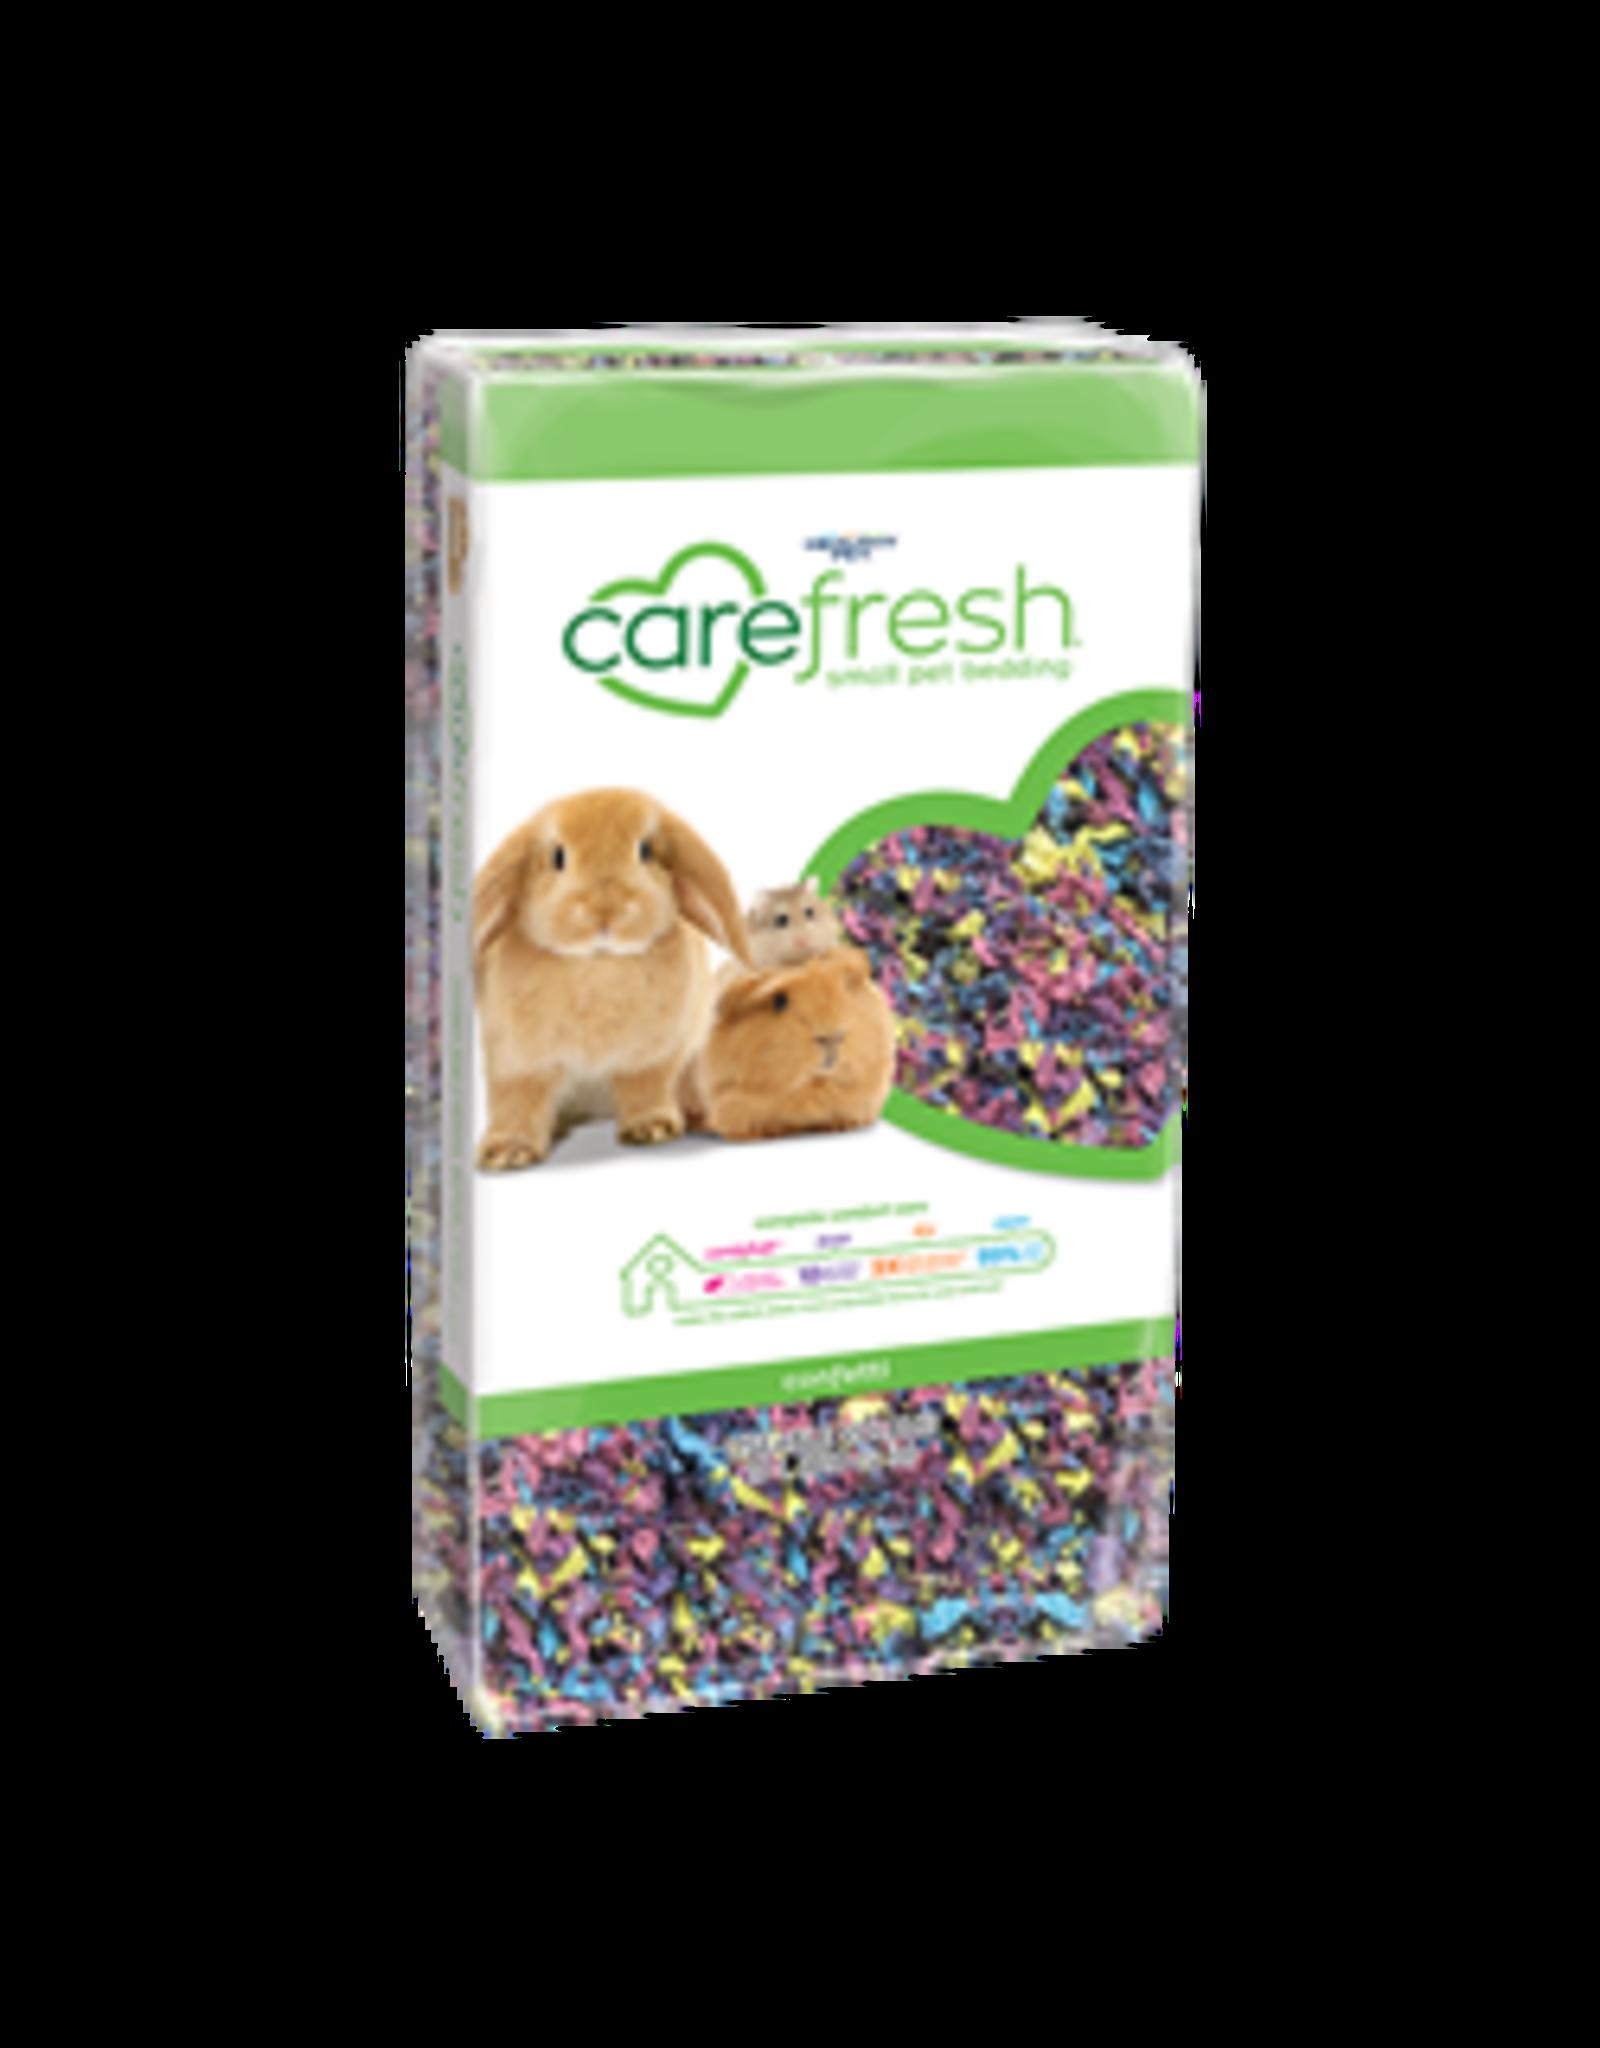 CareFresh Carefresh Complete Confetti 10L